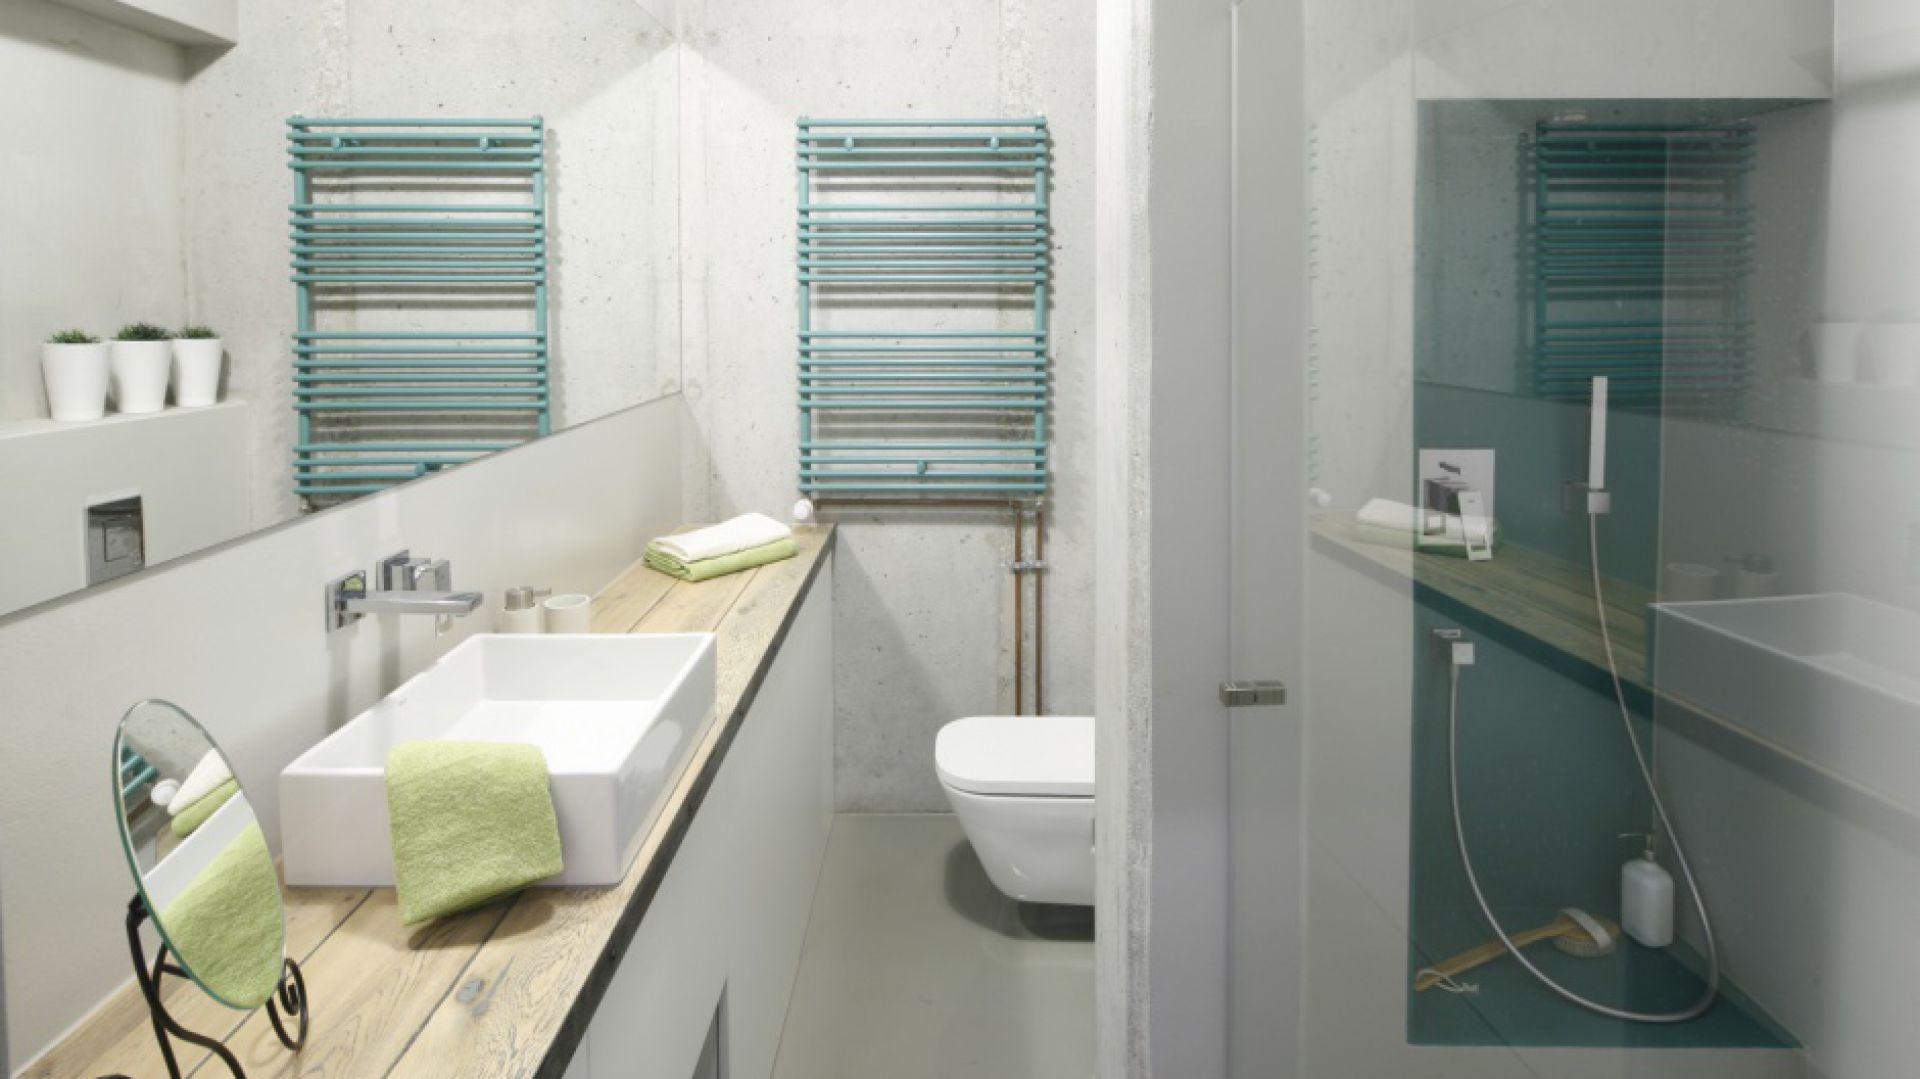 Nowoczesna łazienka....  Nowoczesna łazienka - 15 projektów architektów  Strona: 15